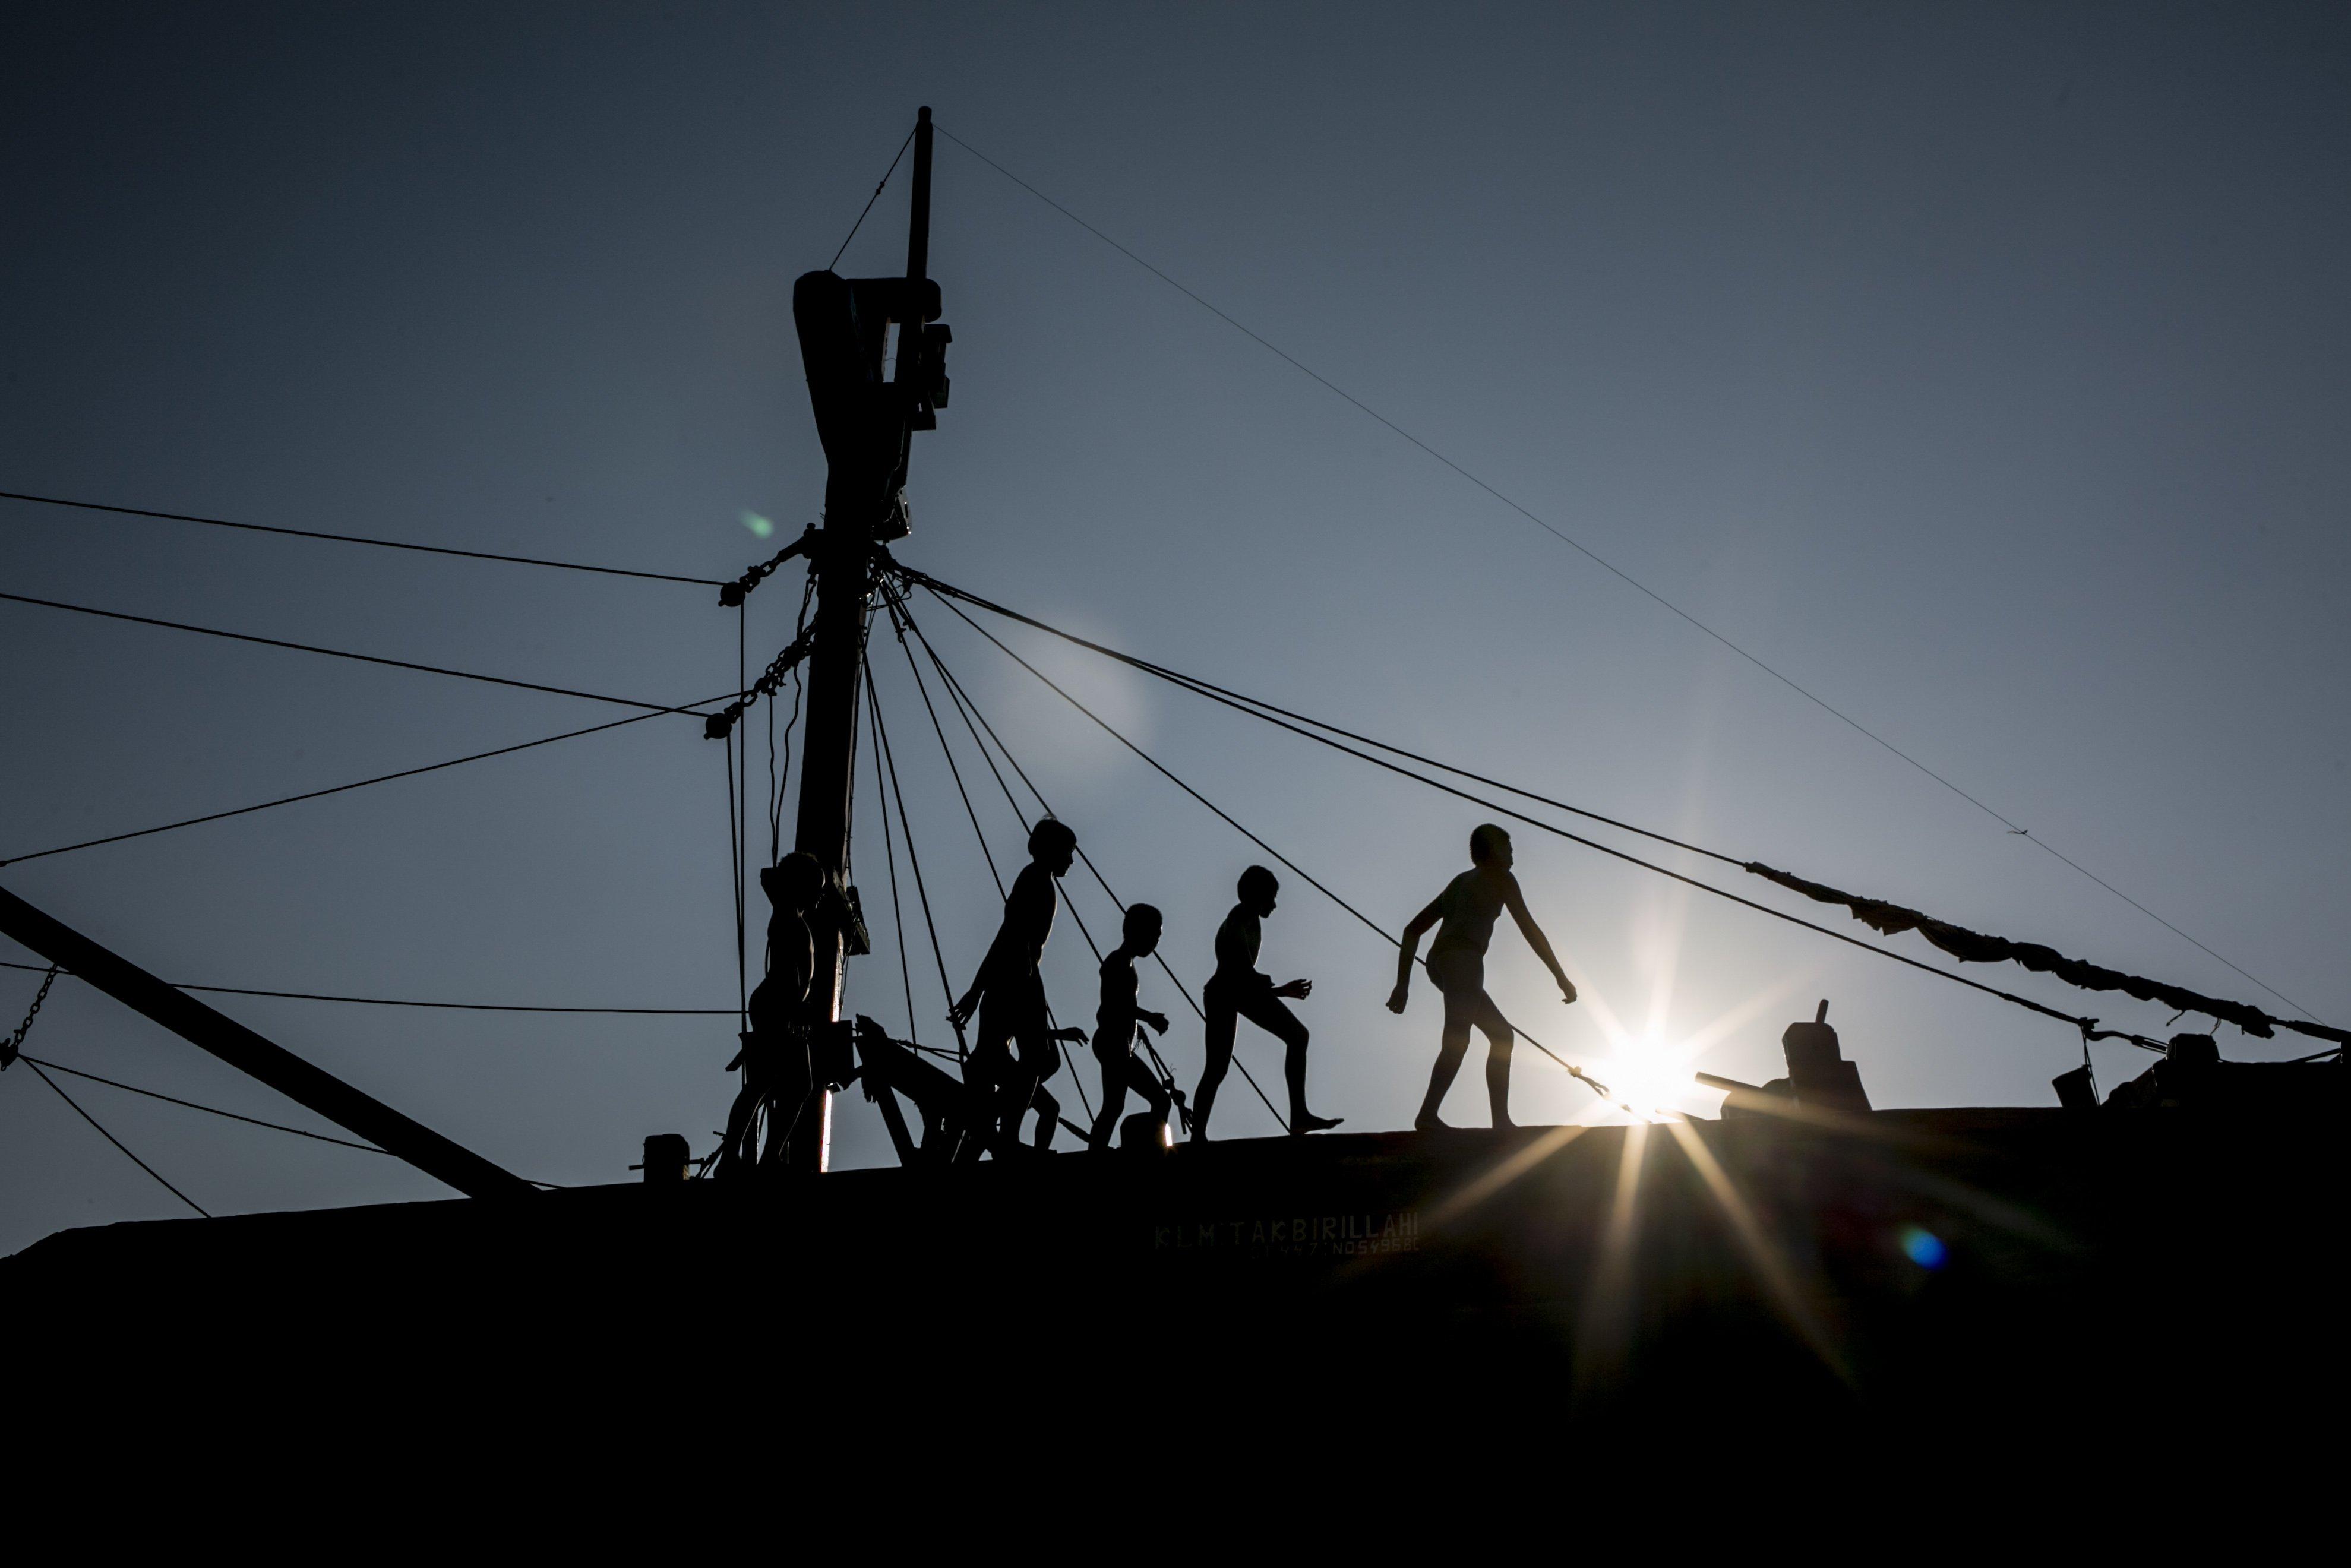 Sejumlah anak berjalan di atas kapal di Kawasan Pelabuhan Suda Kelapa, Jakarta Utara, Senin (27/7/2020). Anak-anak ini menjadikan pelabuhan untuk tempat bermain dan mencari rejeki dari para pengunjung yang datang ke pelabuhan.